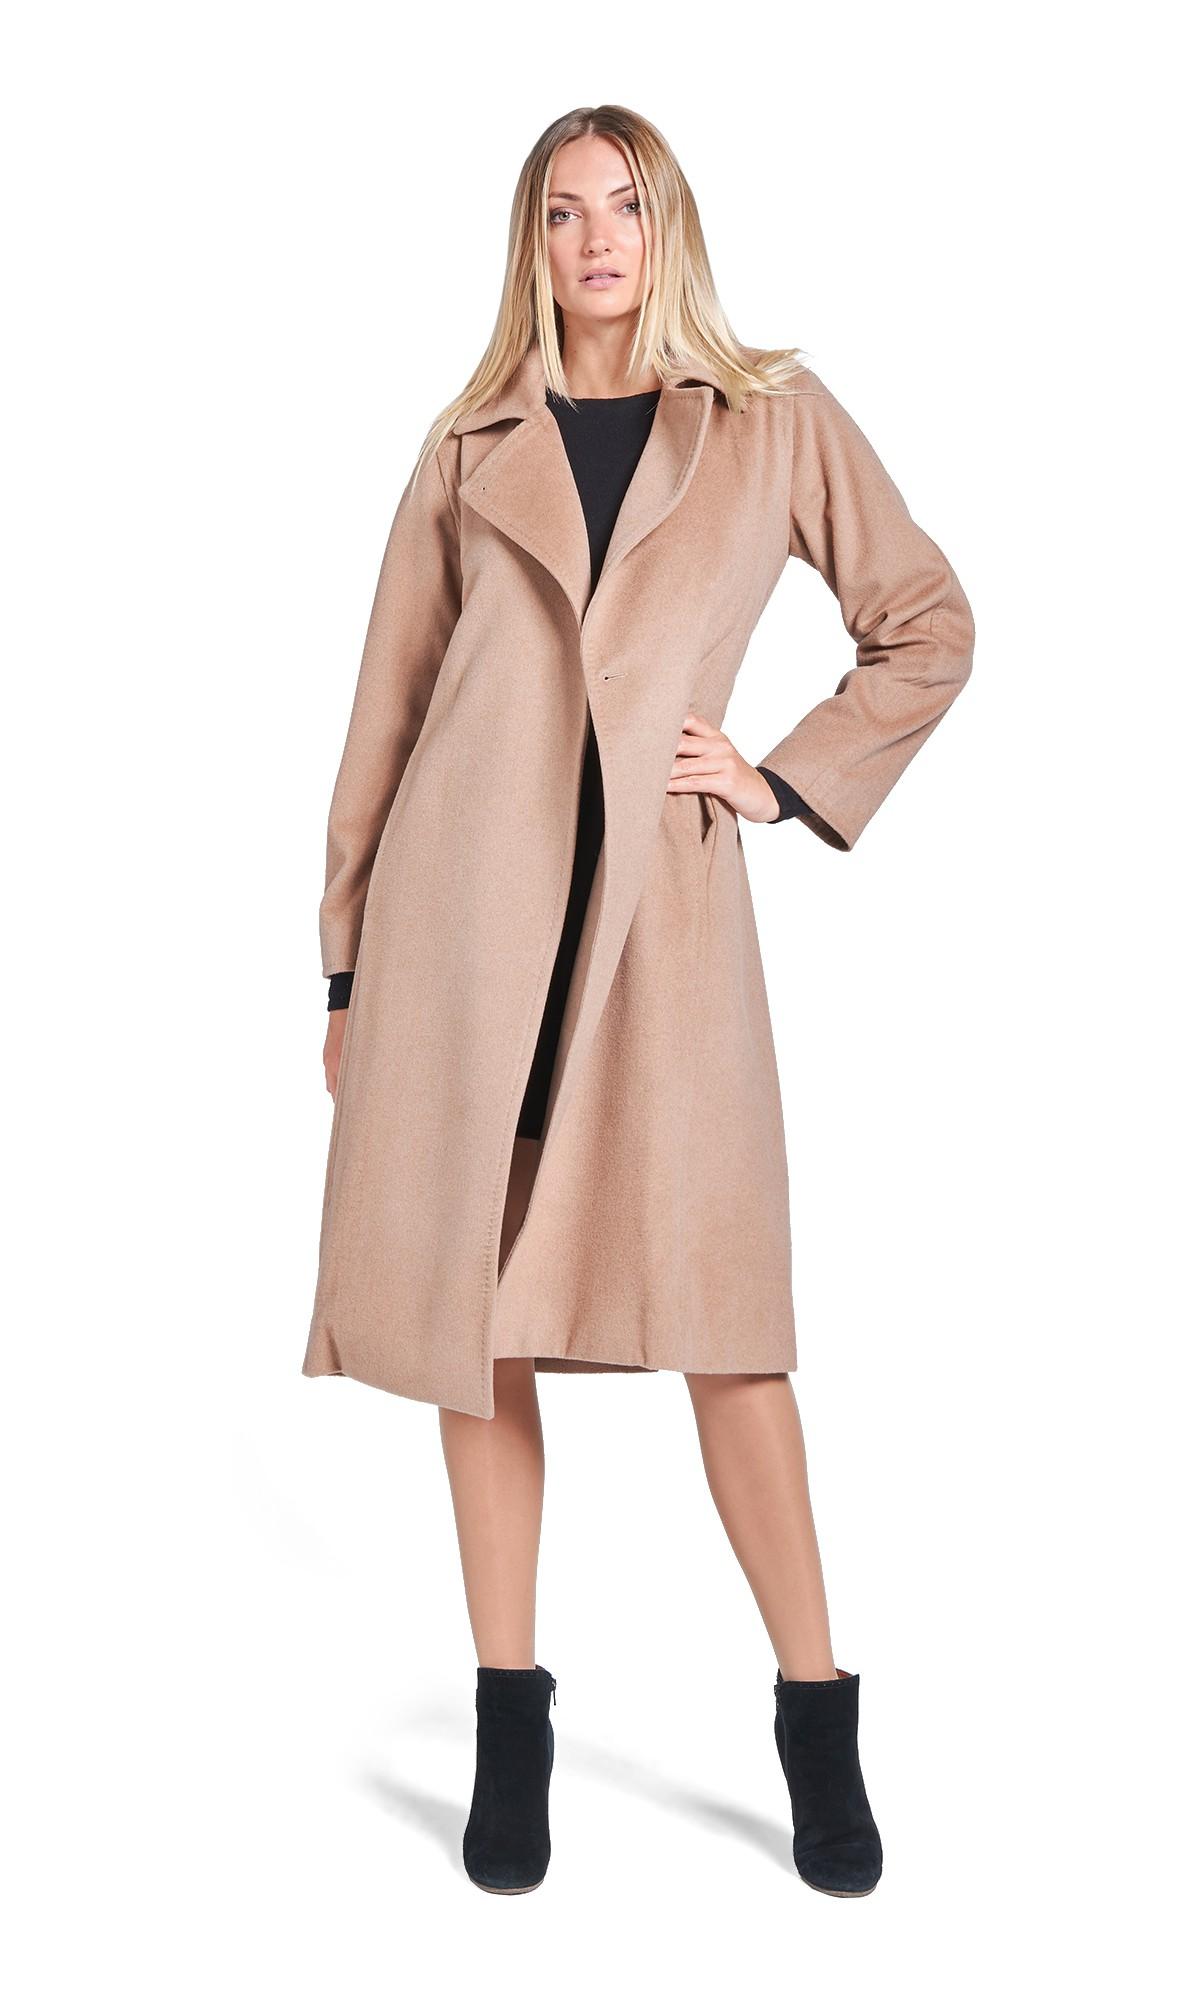 Płaszcz Tiffi długi z kaszmirem i wełną, w kolorze kamelowym, wiązany